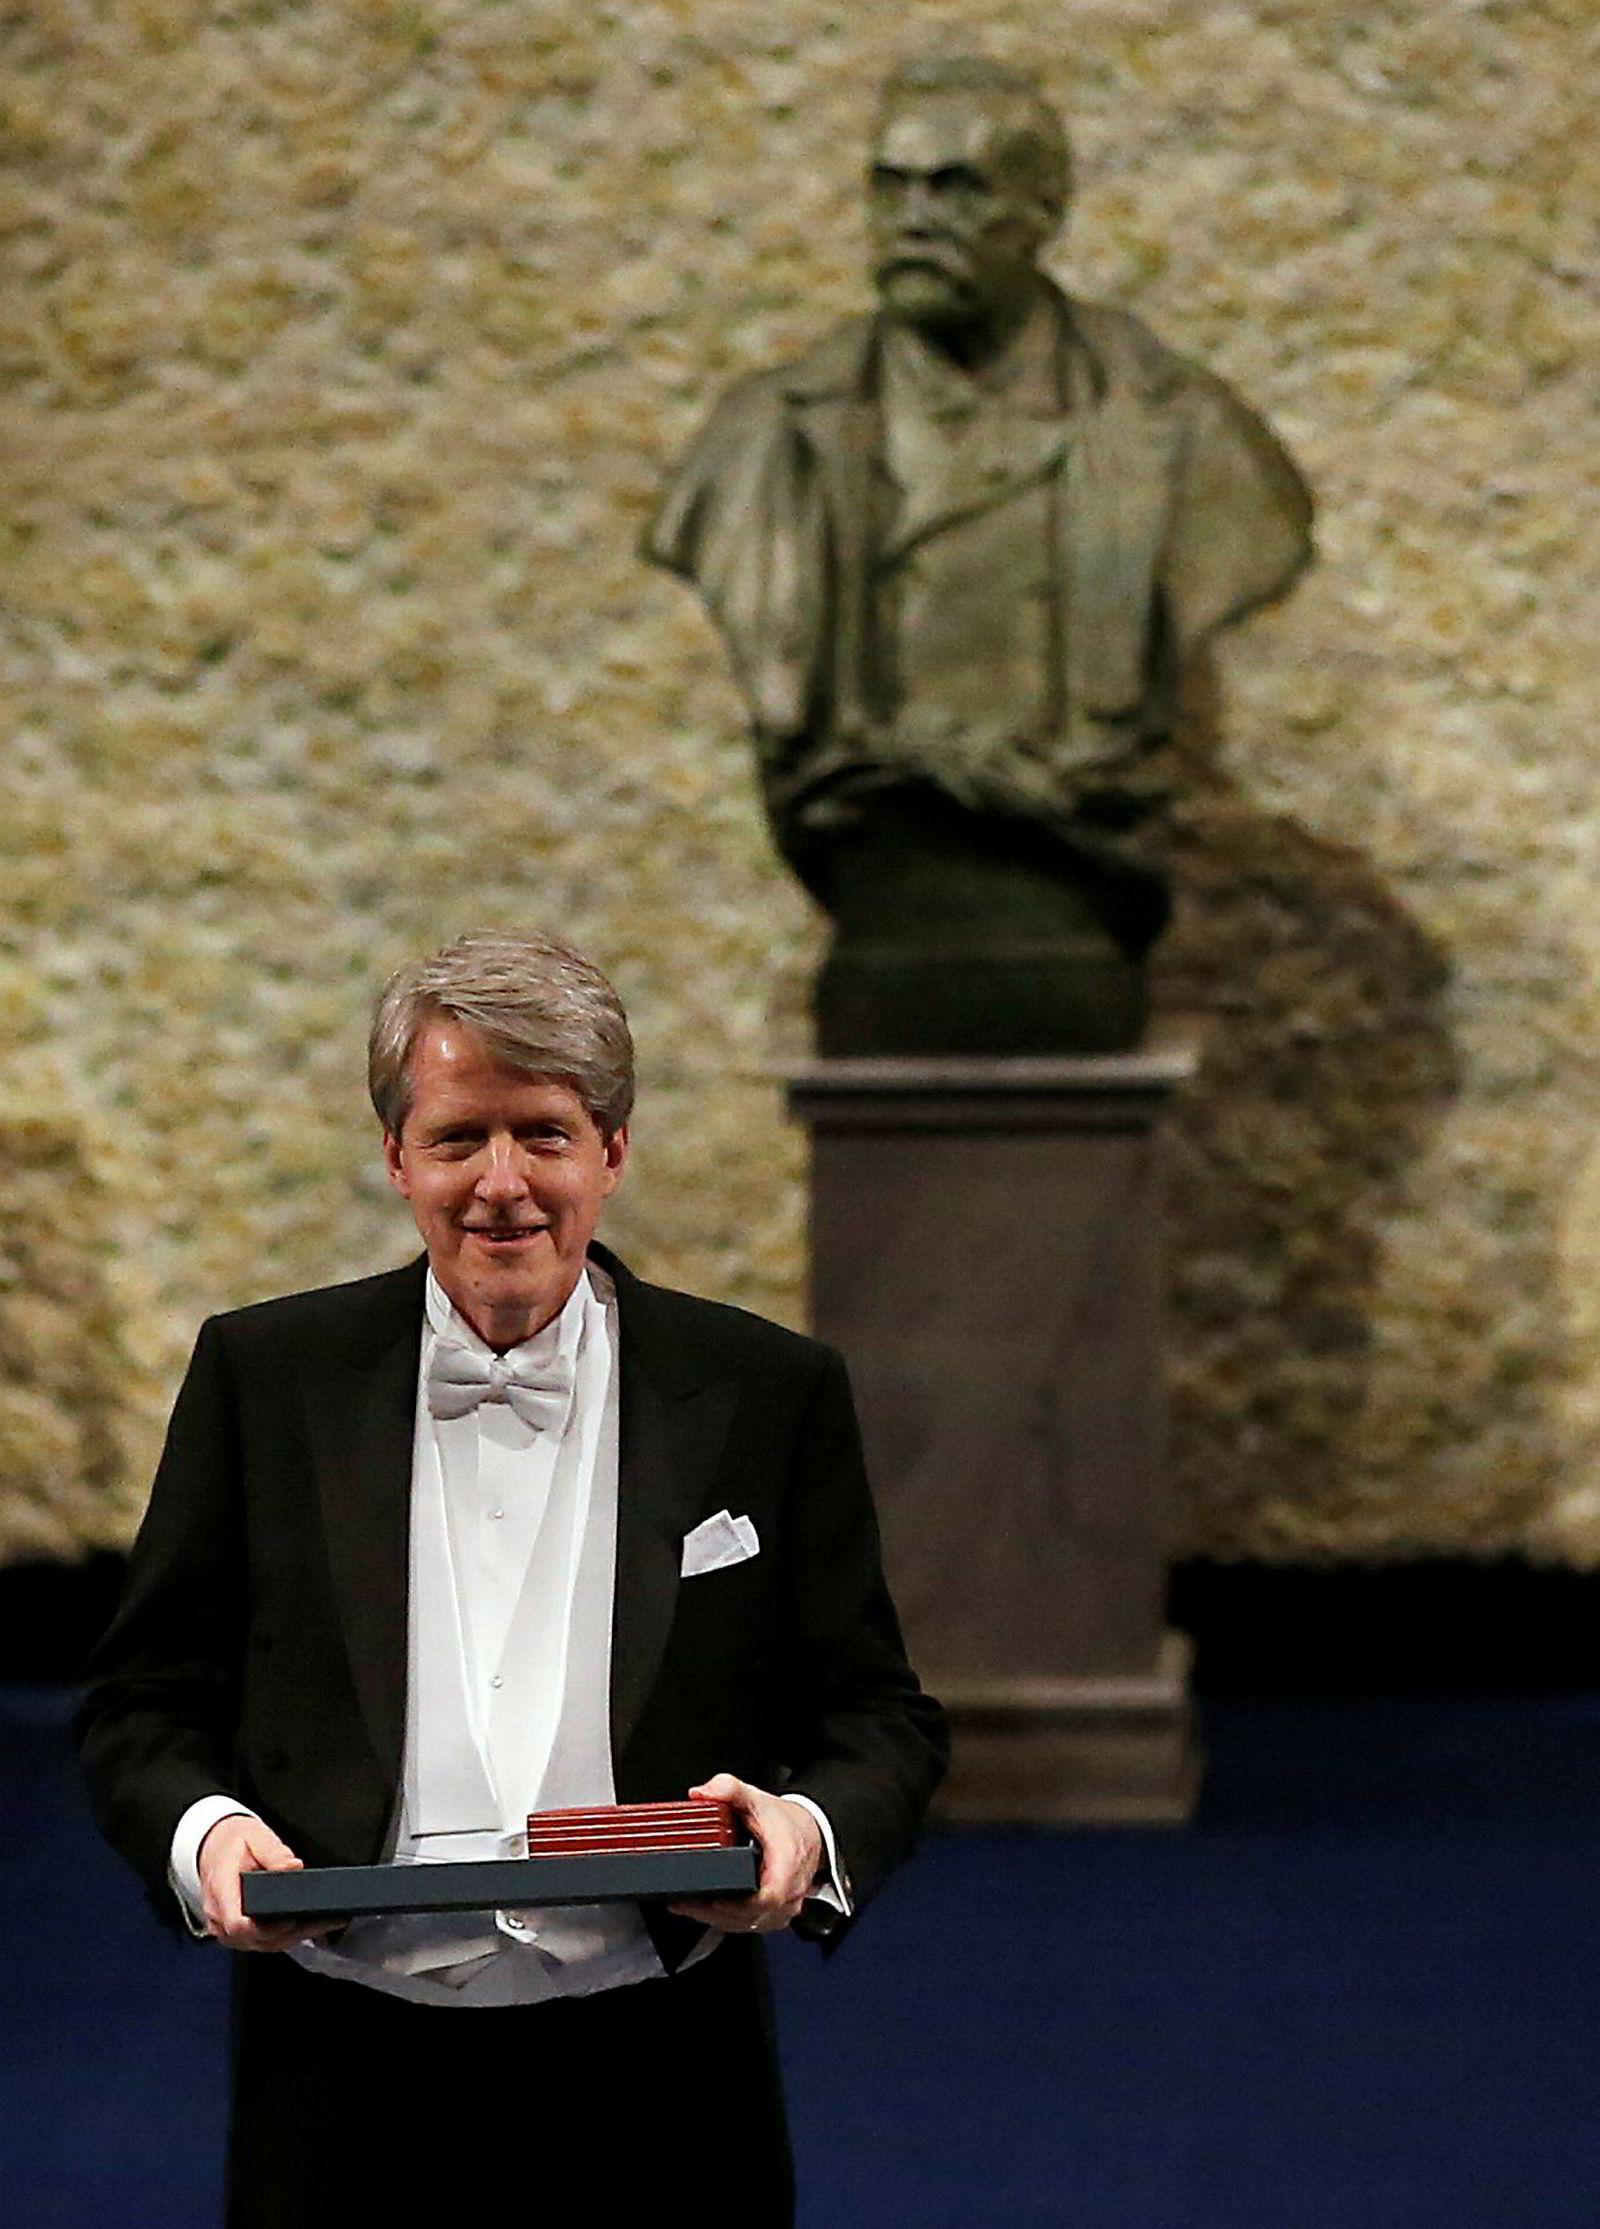 Den amerikanske økonomen Robert Shiller mottar her Nobels minnepris i økonomi. Han ble tildelt prisen sammen med Lars Peter Hansen og Eugene Fama i 2013 for deres arbeid med«empirisk analyse av finansielle aktiviteter».